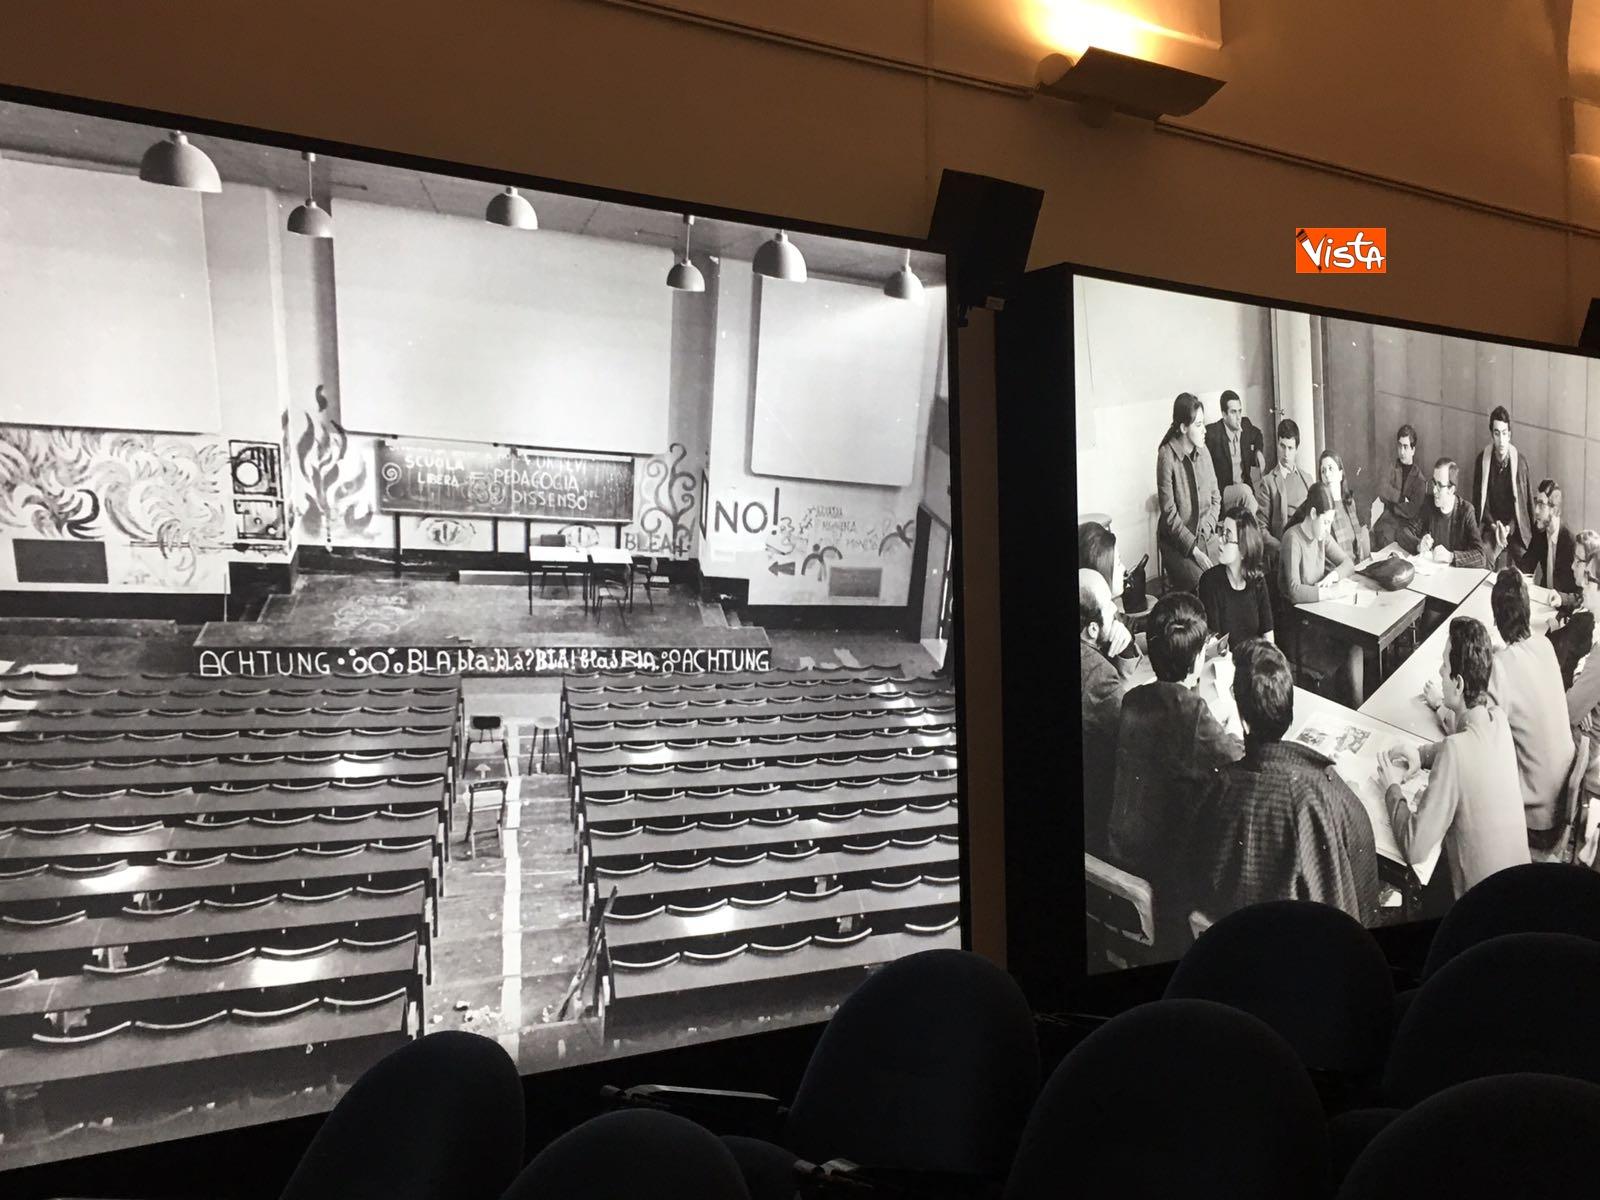 04-05-18 Dreamers1968 Le immagini della mostra organizzata dall AGI_34